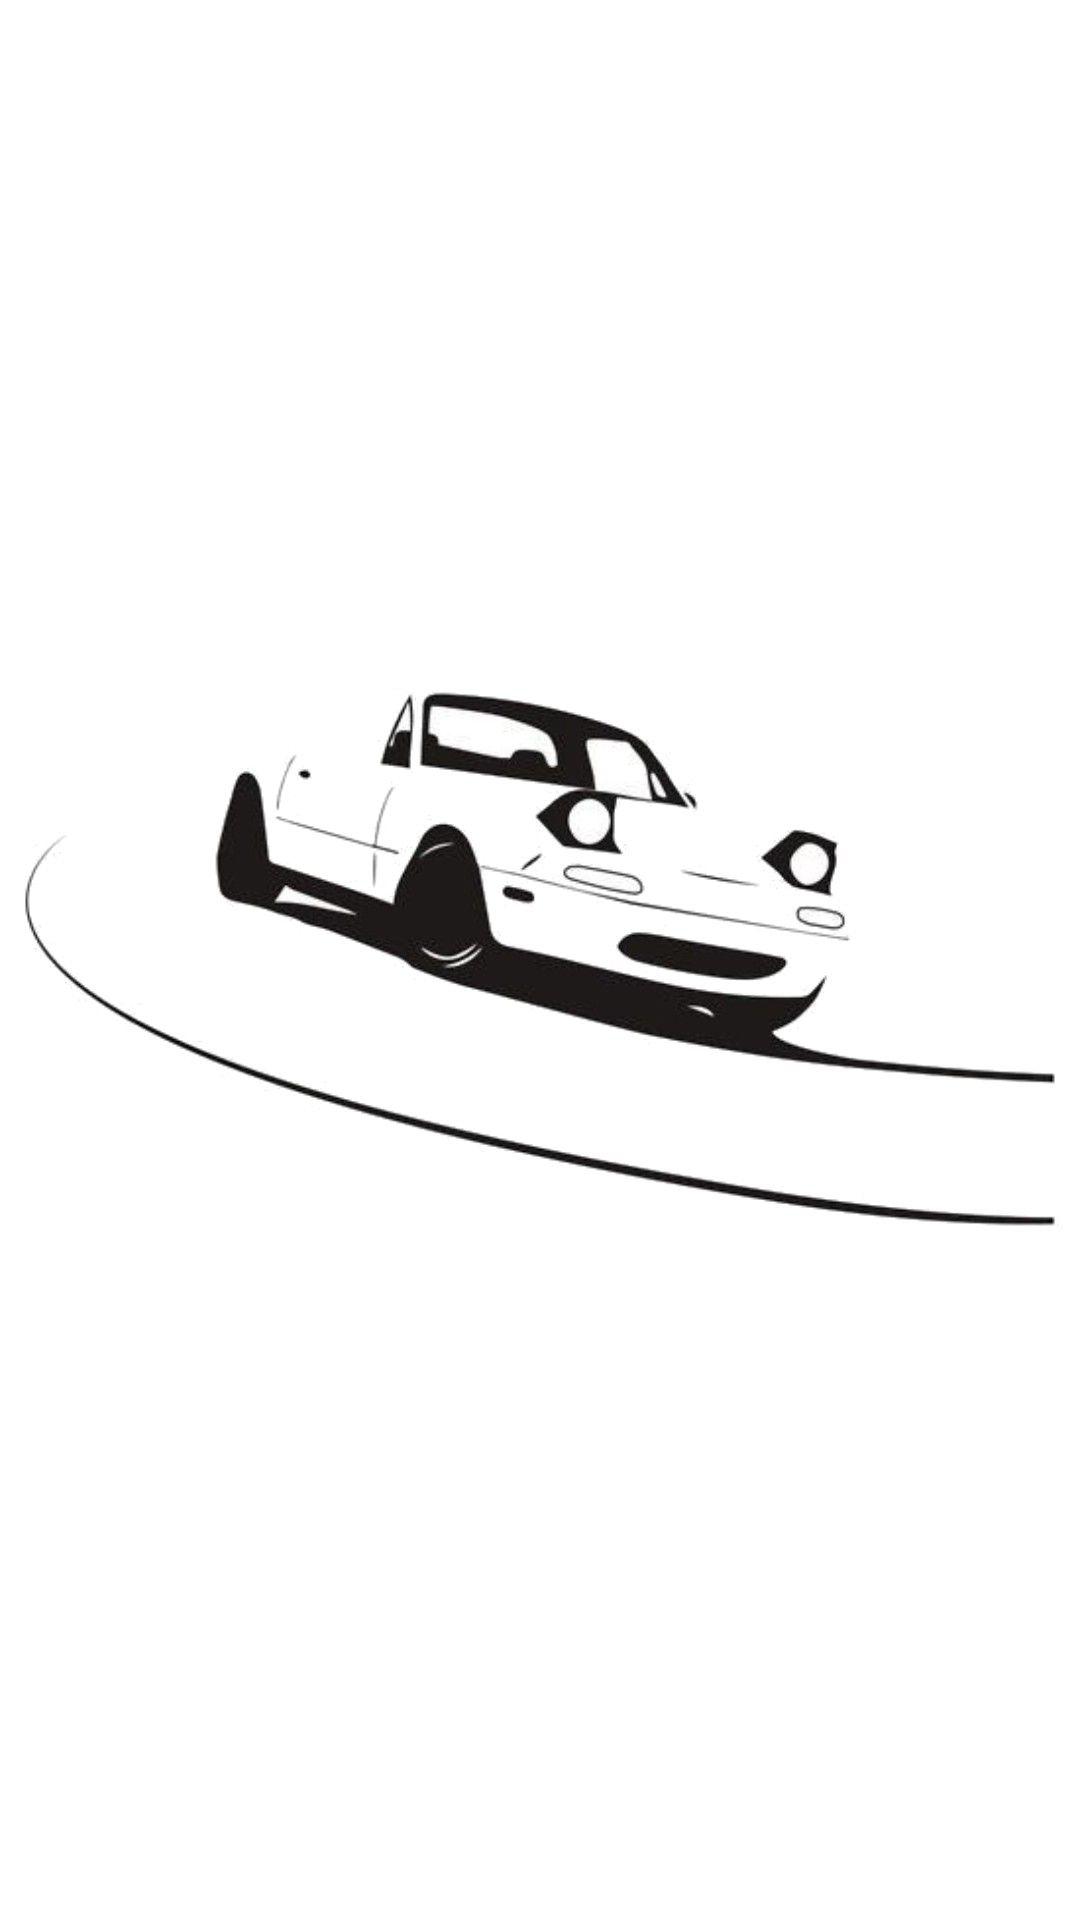 Miata おしゃれまとめの人気アイデア Pinterest Nathan Hakl 自動車 アートワーク 車